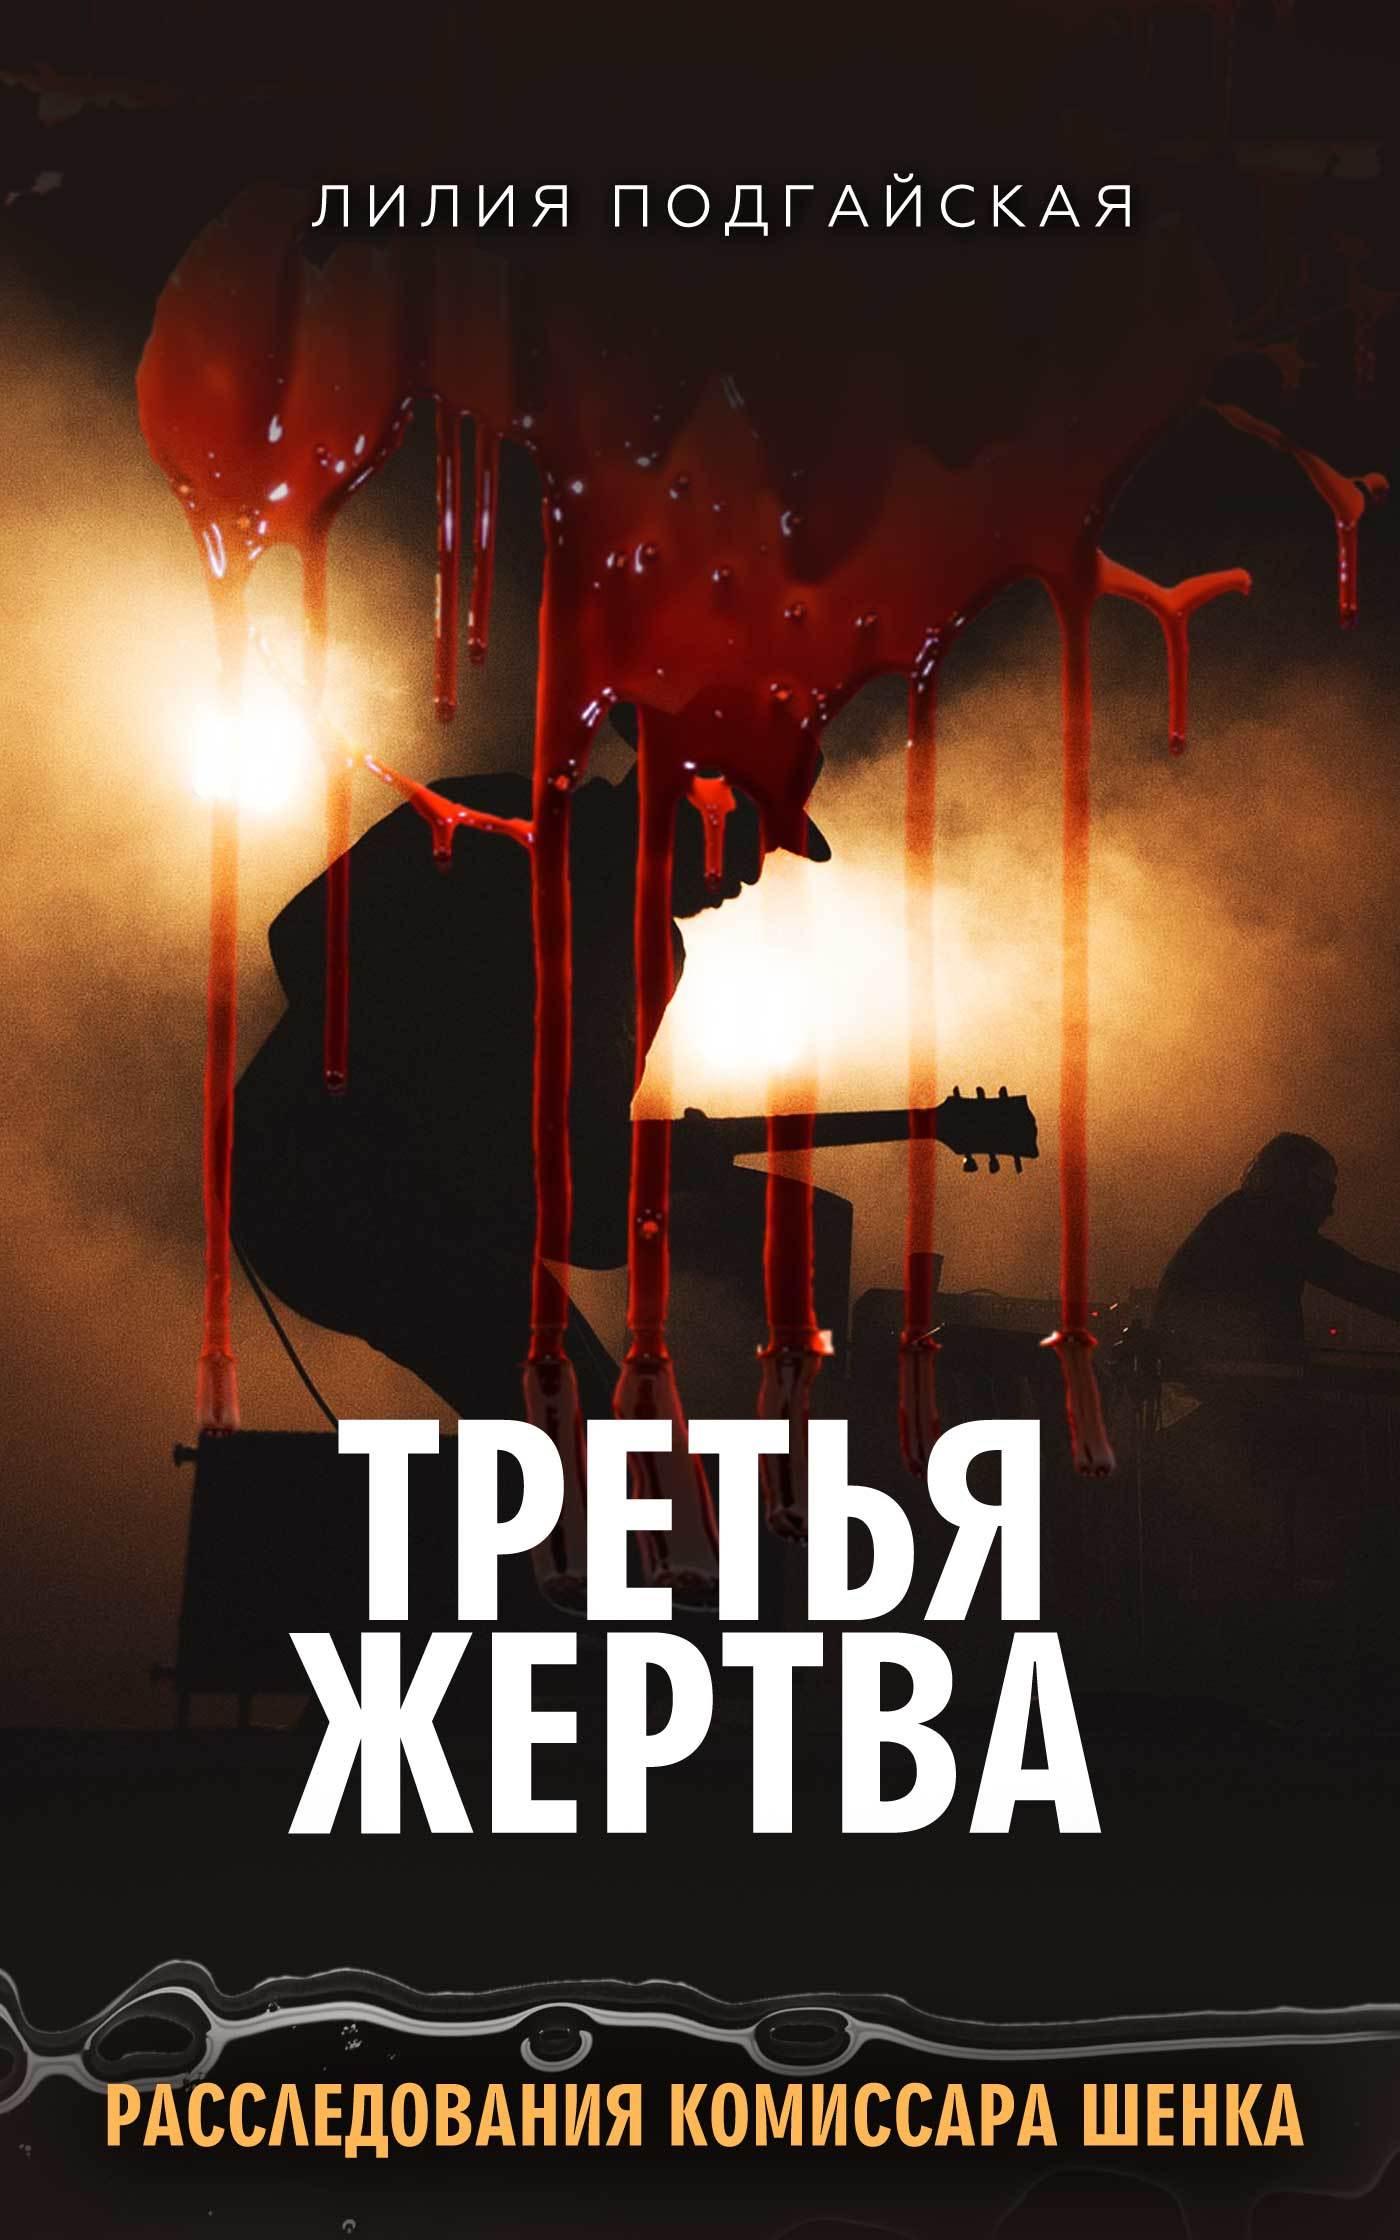 Лилия Подгайская Третья жертва купить шенка лабродора в донецке